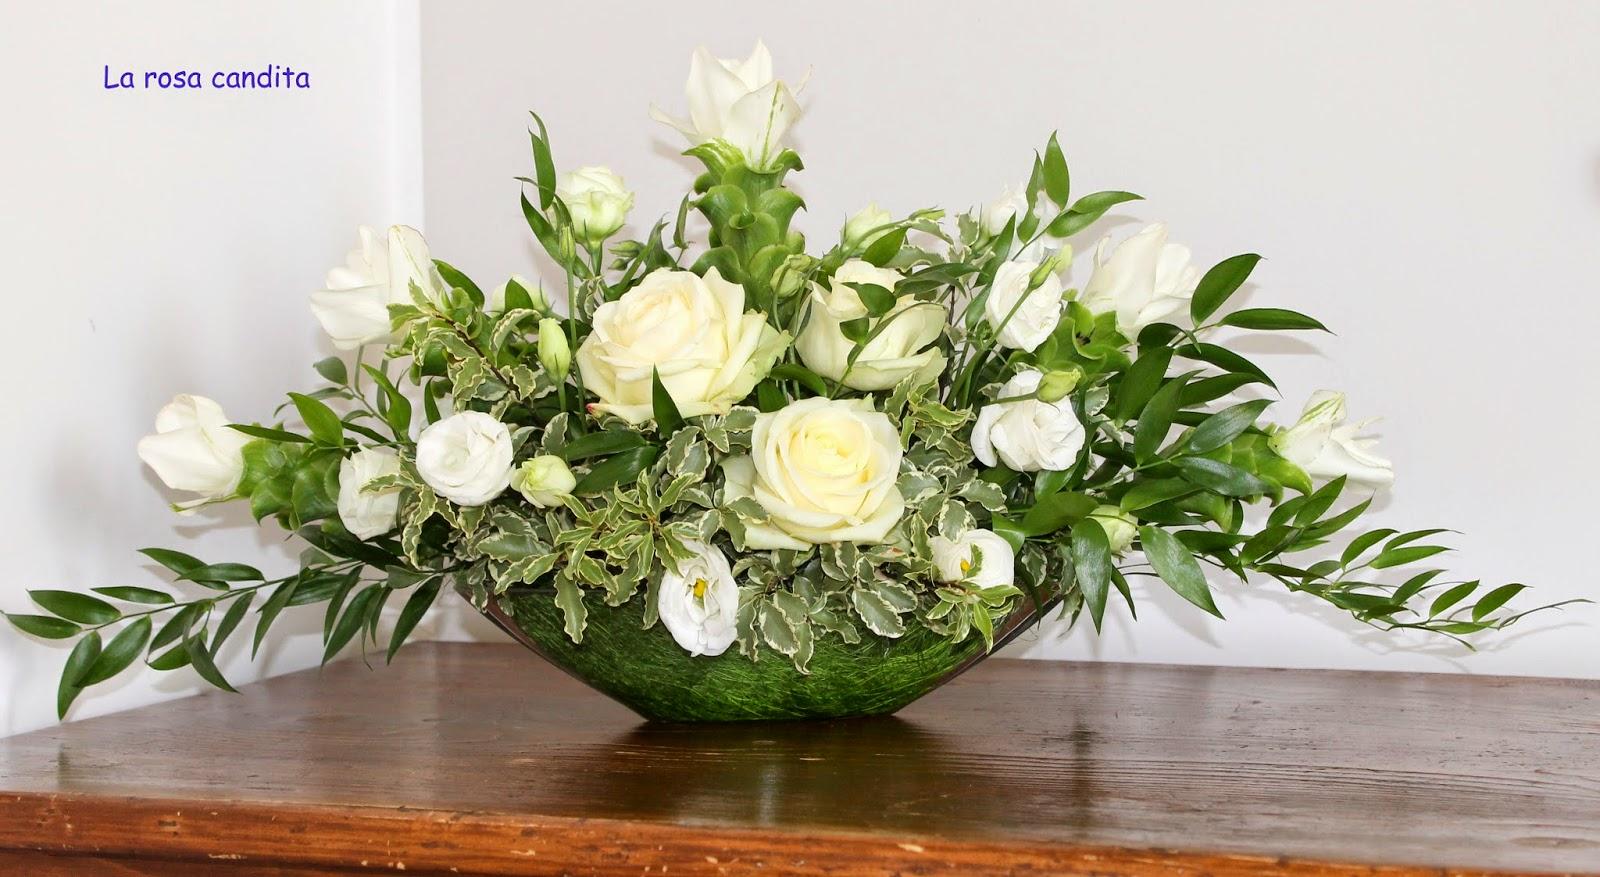 La rosa candita curcuma non solo in cucina - Centrotavola natalizi con fiori finti ...